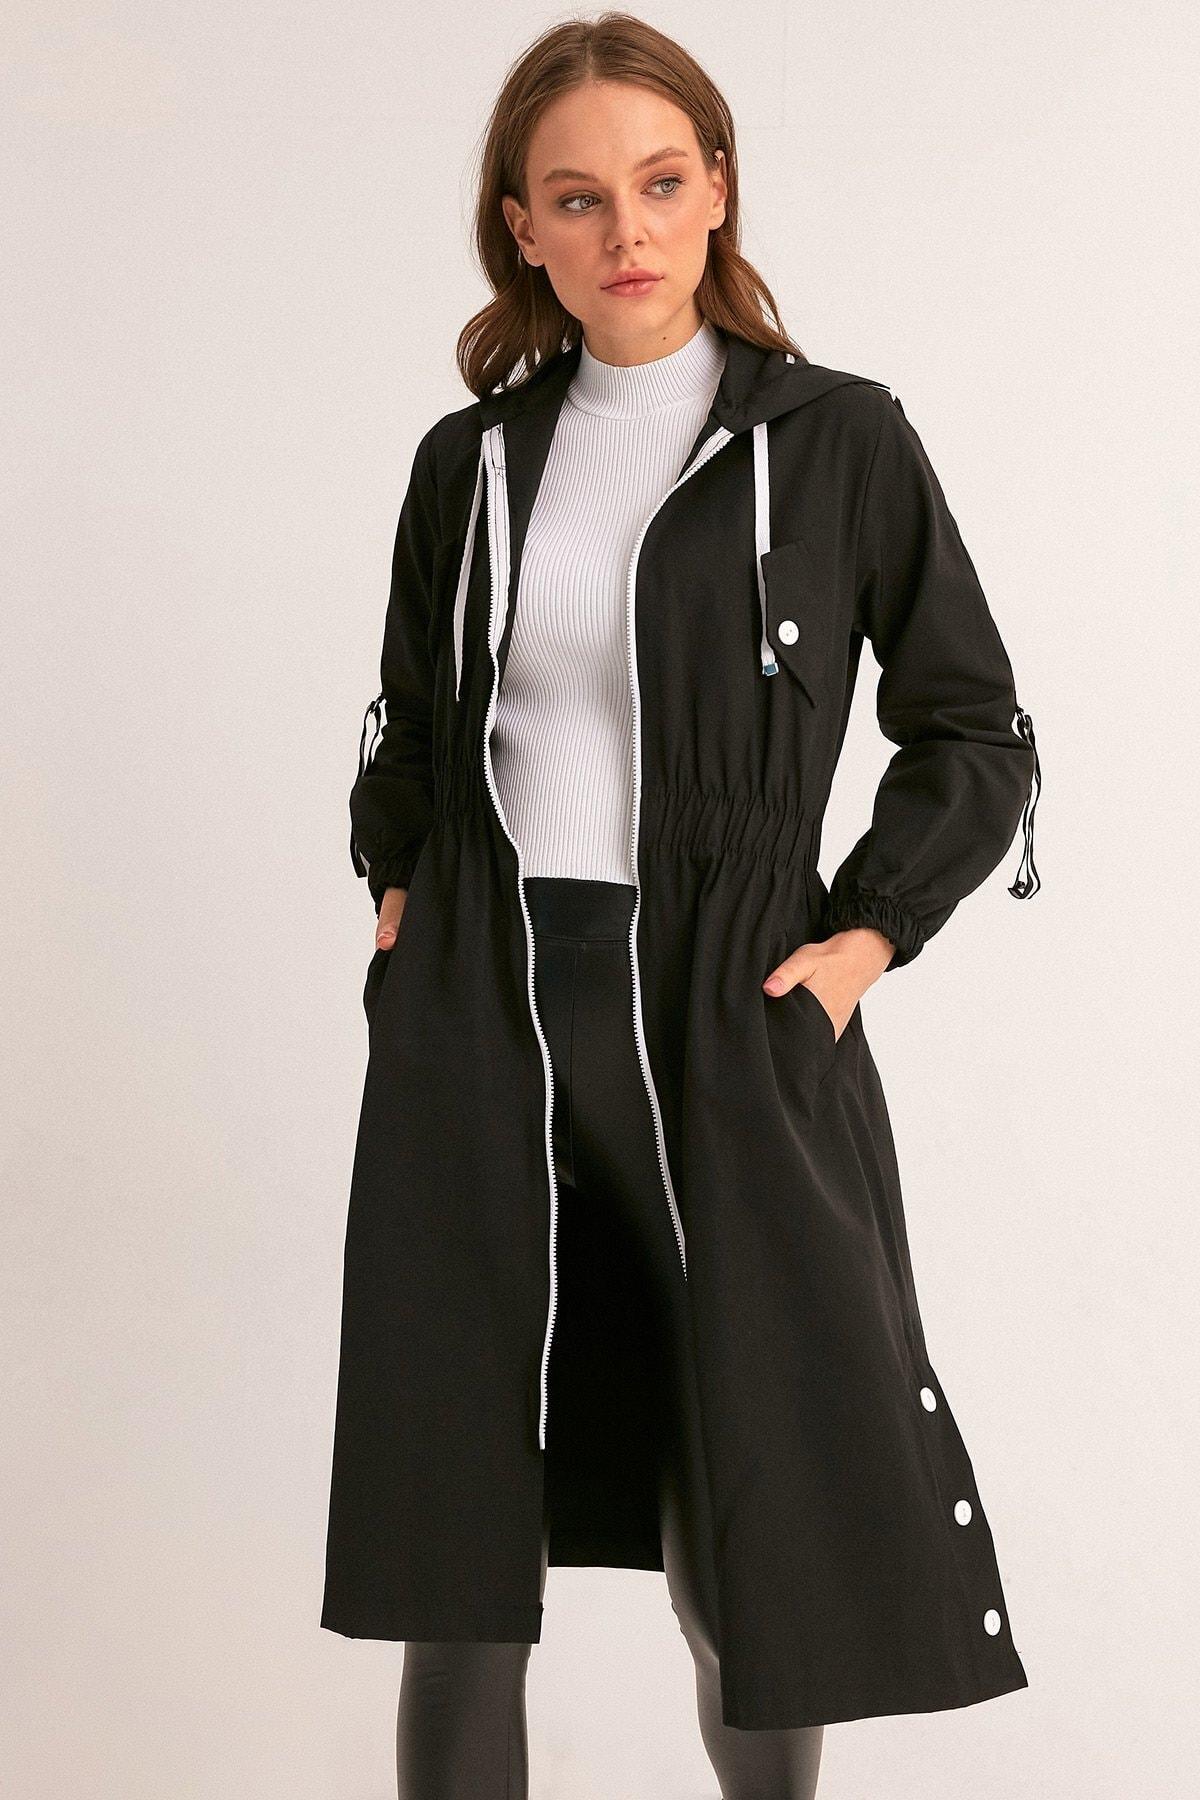 Fulla Moda Kadın Siyah Beli Lastikli Kapüşonlu Trençkot 1